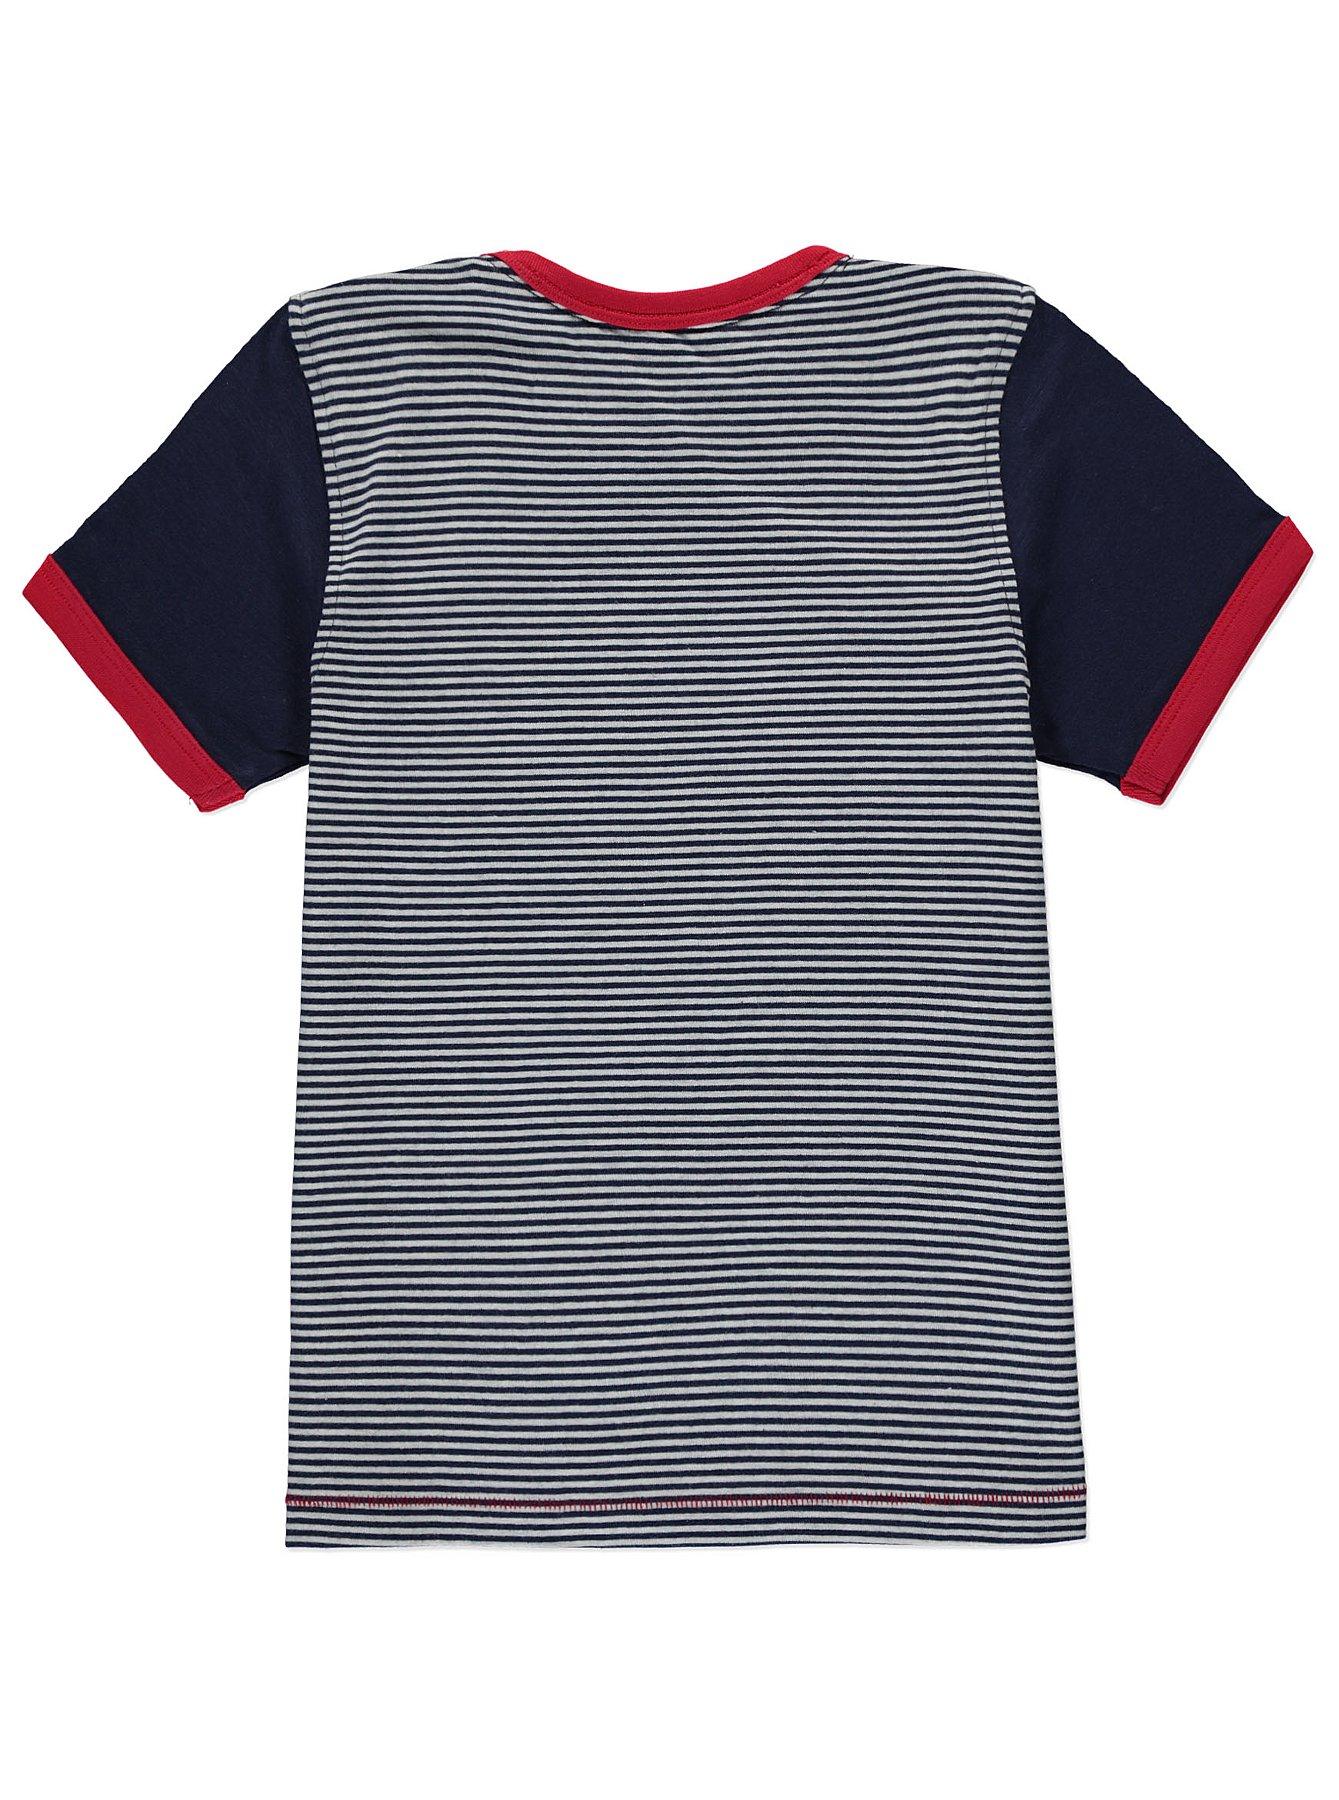 Black t shirt asda - Black T Shirt Asda 31